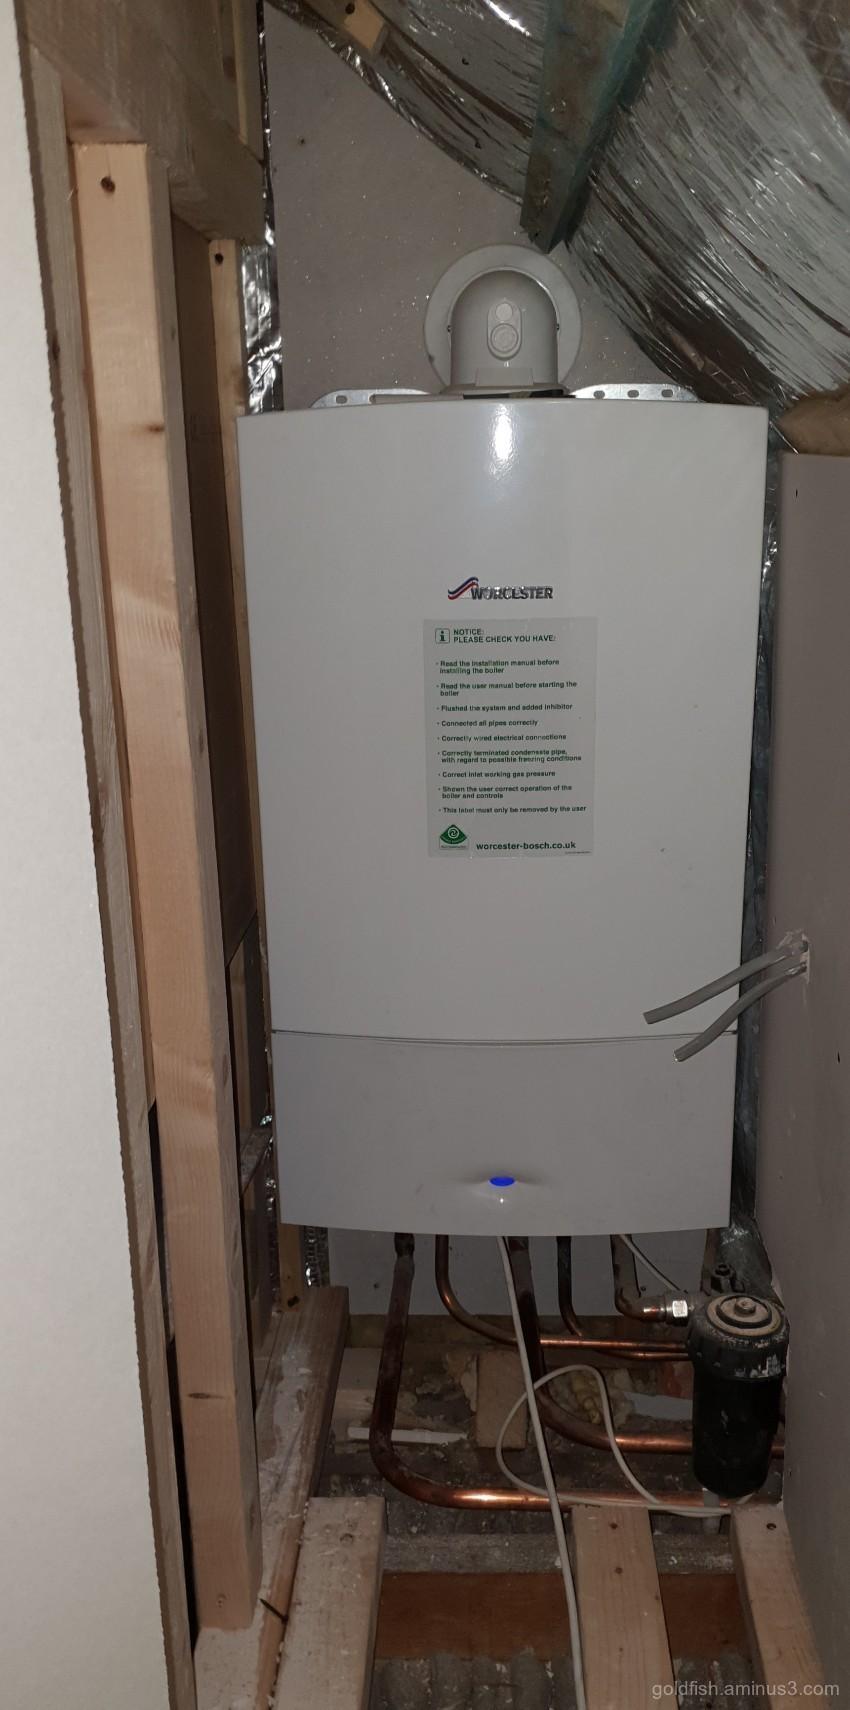 The New Boiler